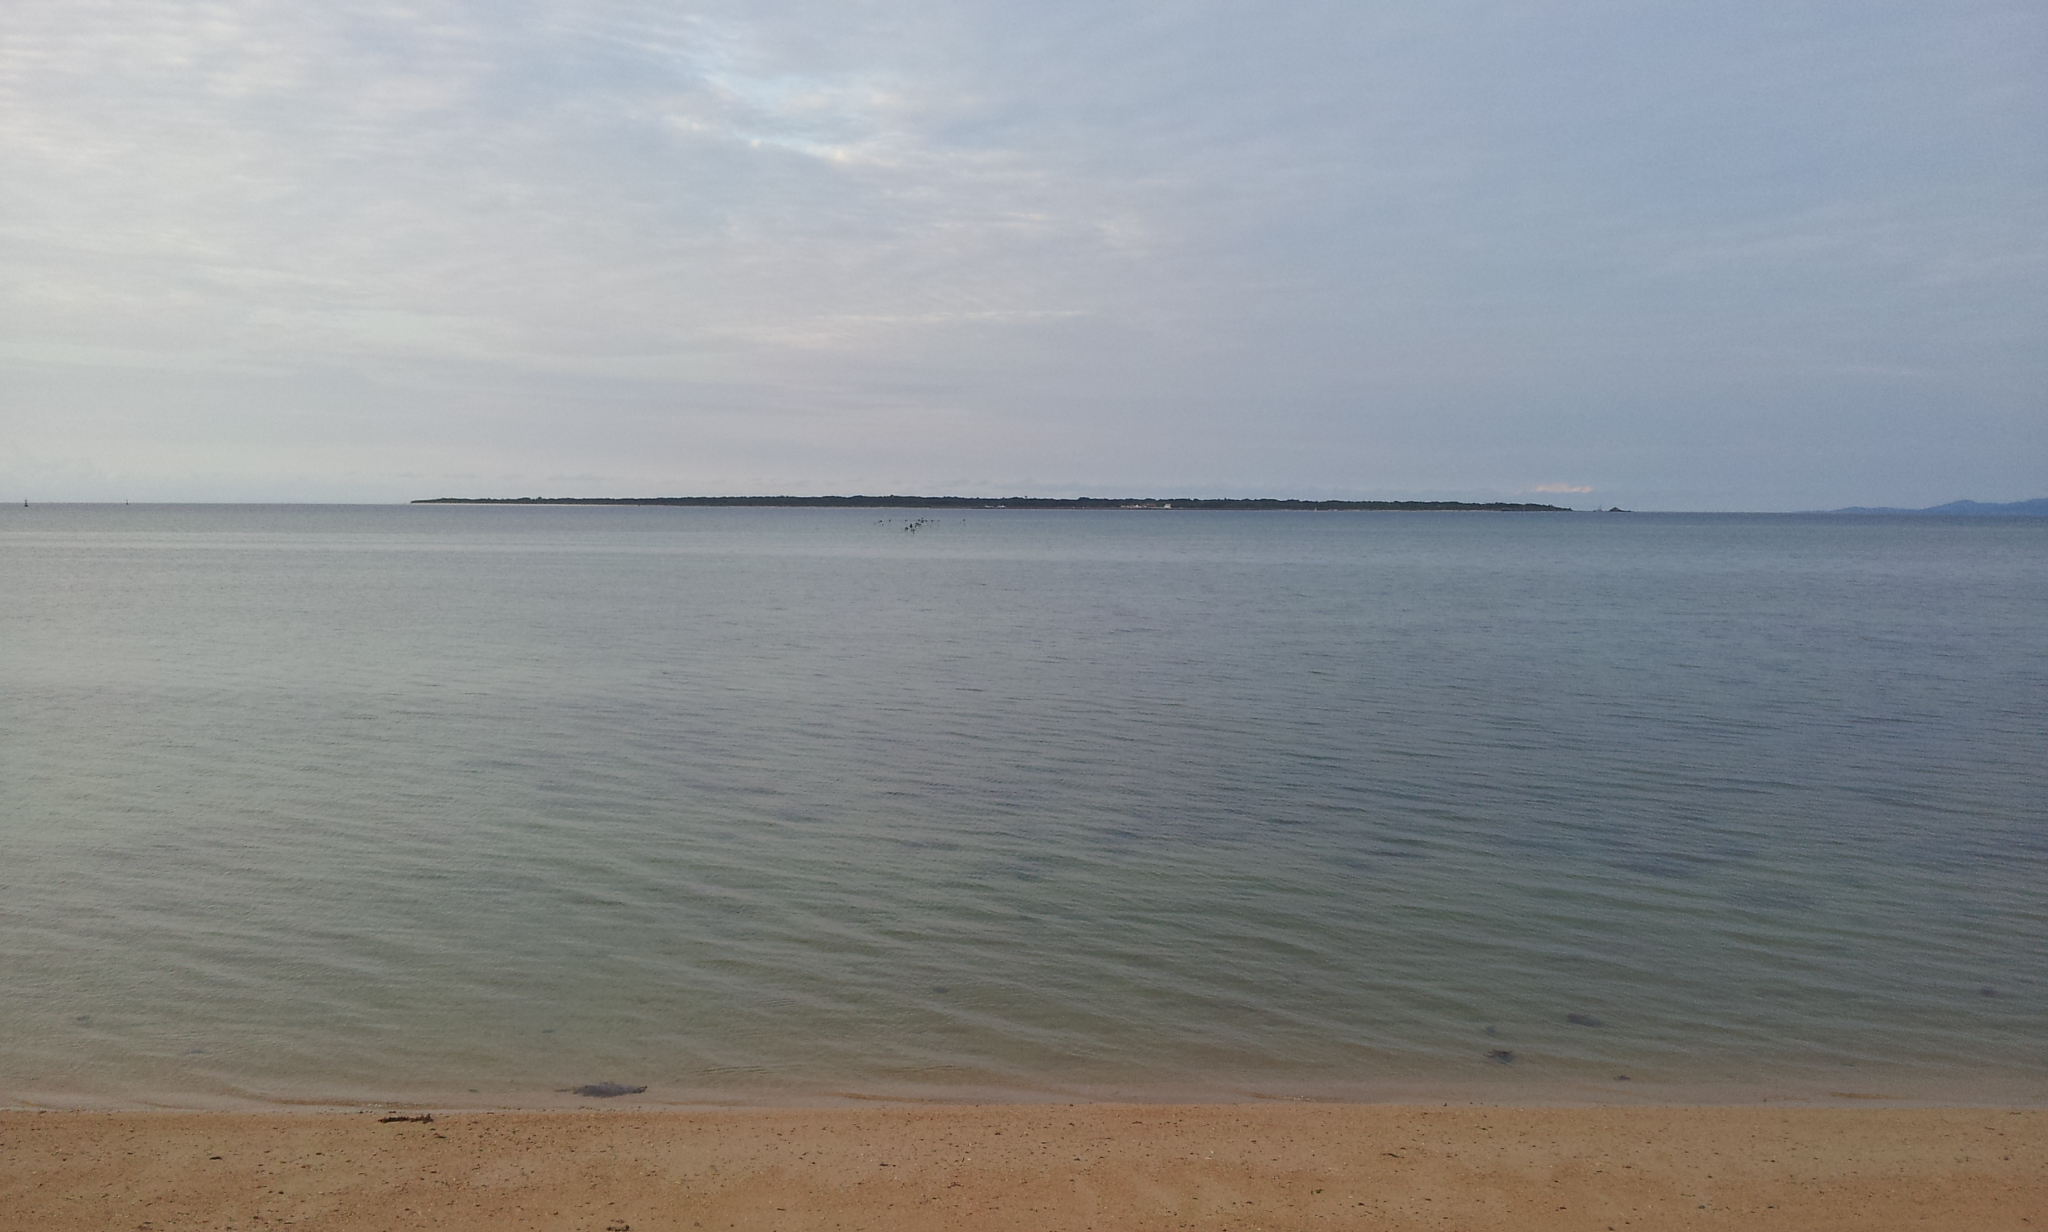 石垣島のランニングガイド・海岸コース